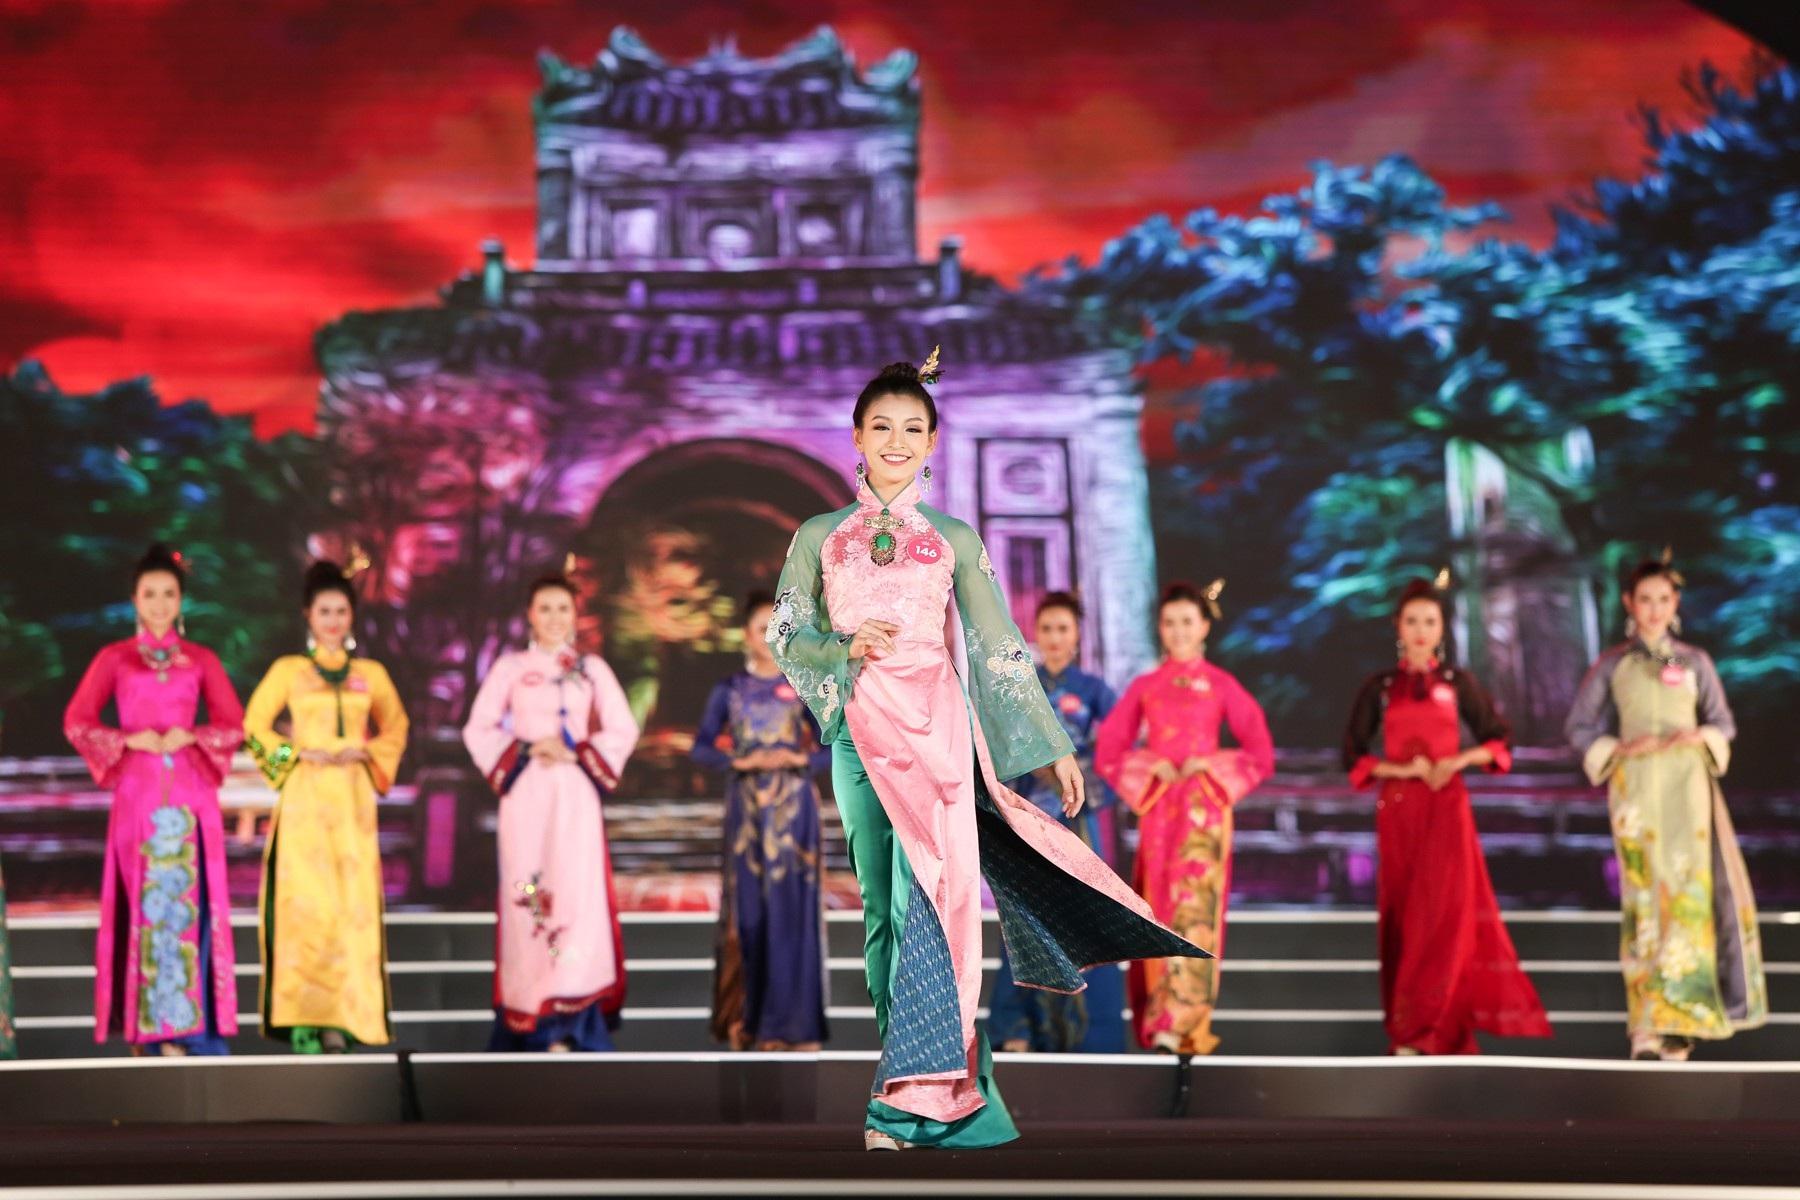 """Hoa hậu Bùi Bích Phương diện đầm trễ ngực, """"át"""" cả sự gợi cảm của đàn em - Ảnh 8."""